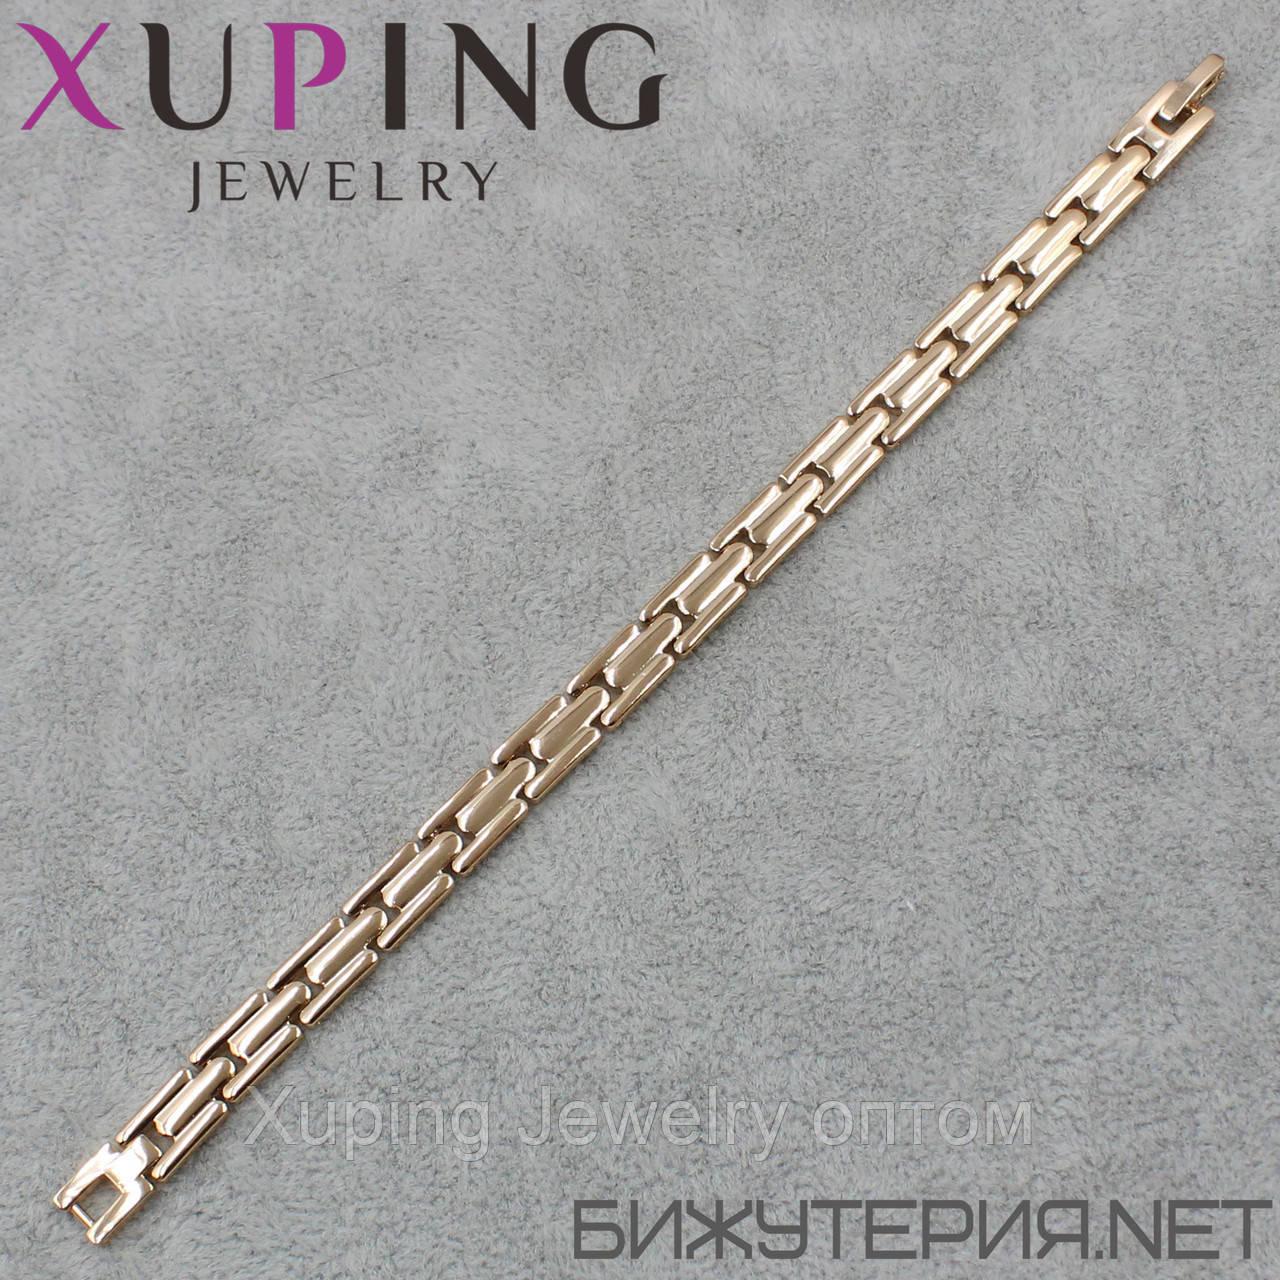 Xuping браслет xpgb10